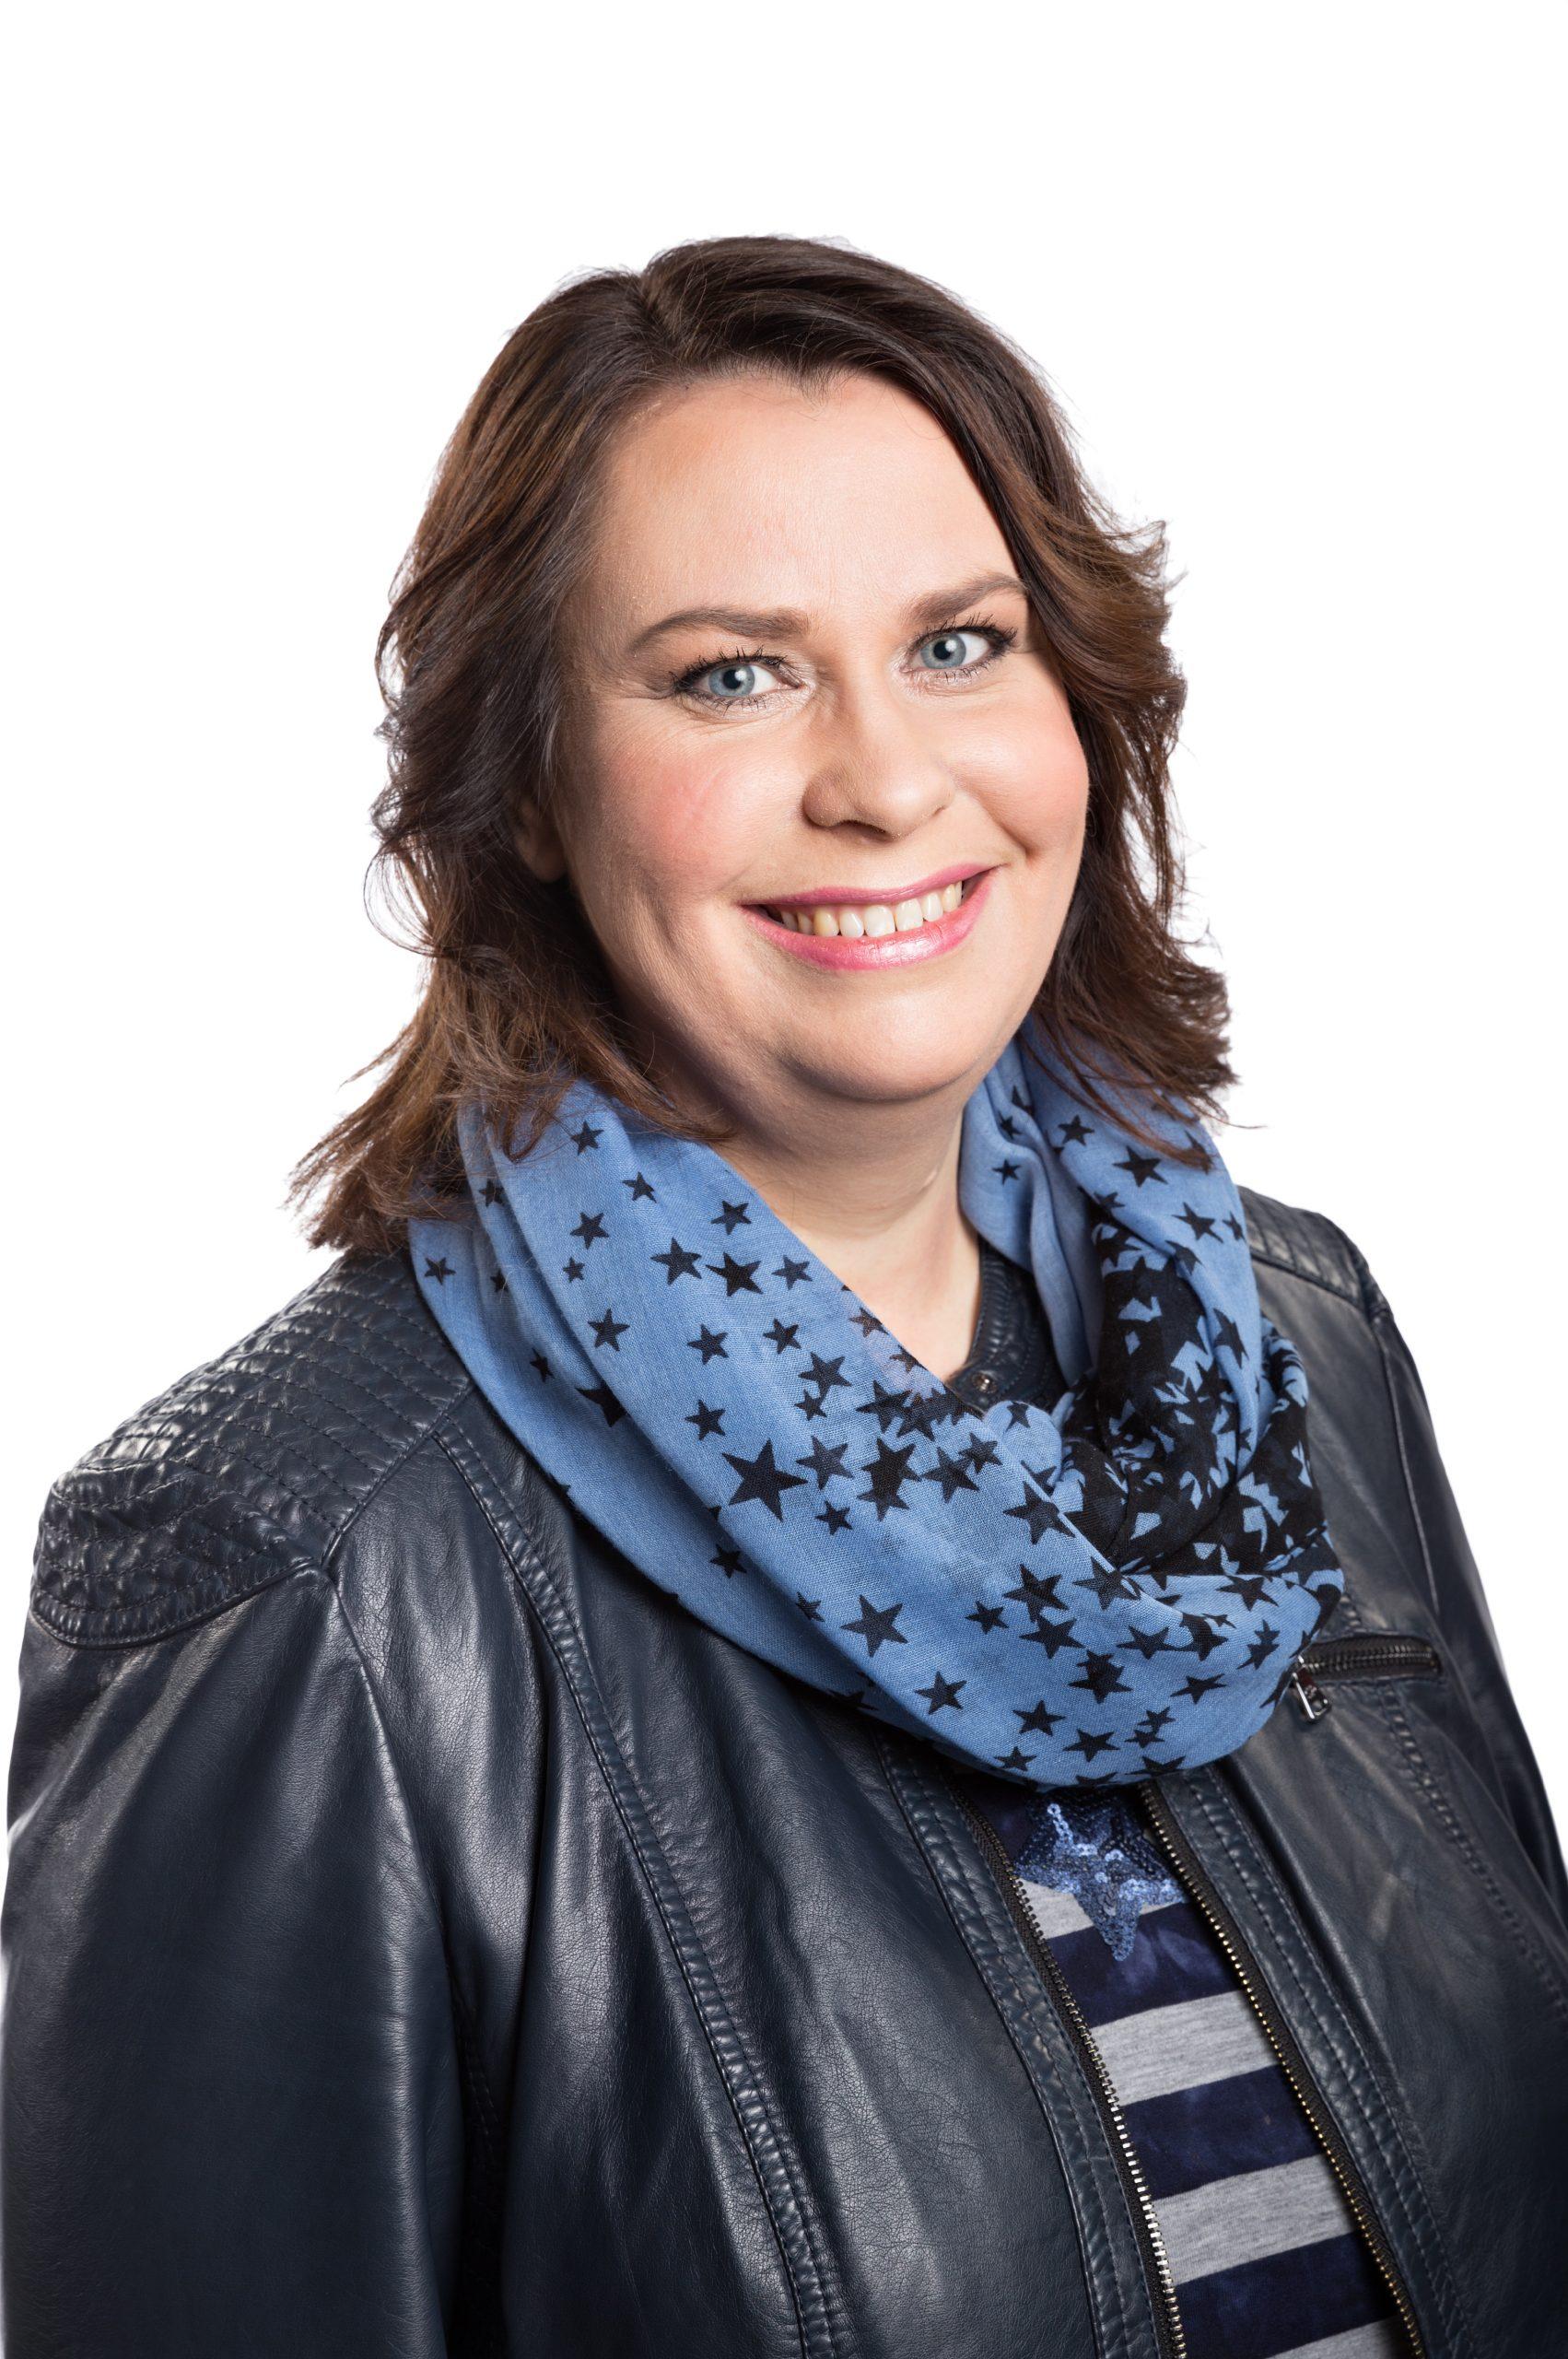 Johanna Niemelä